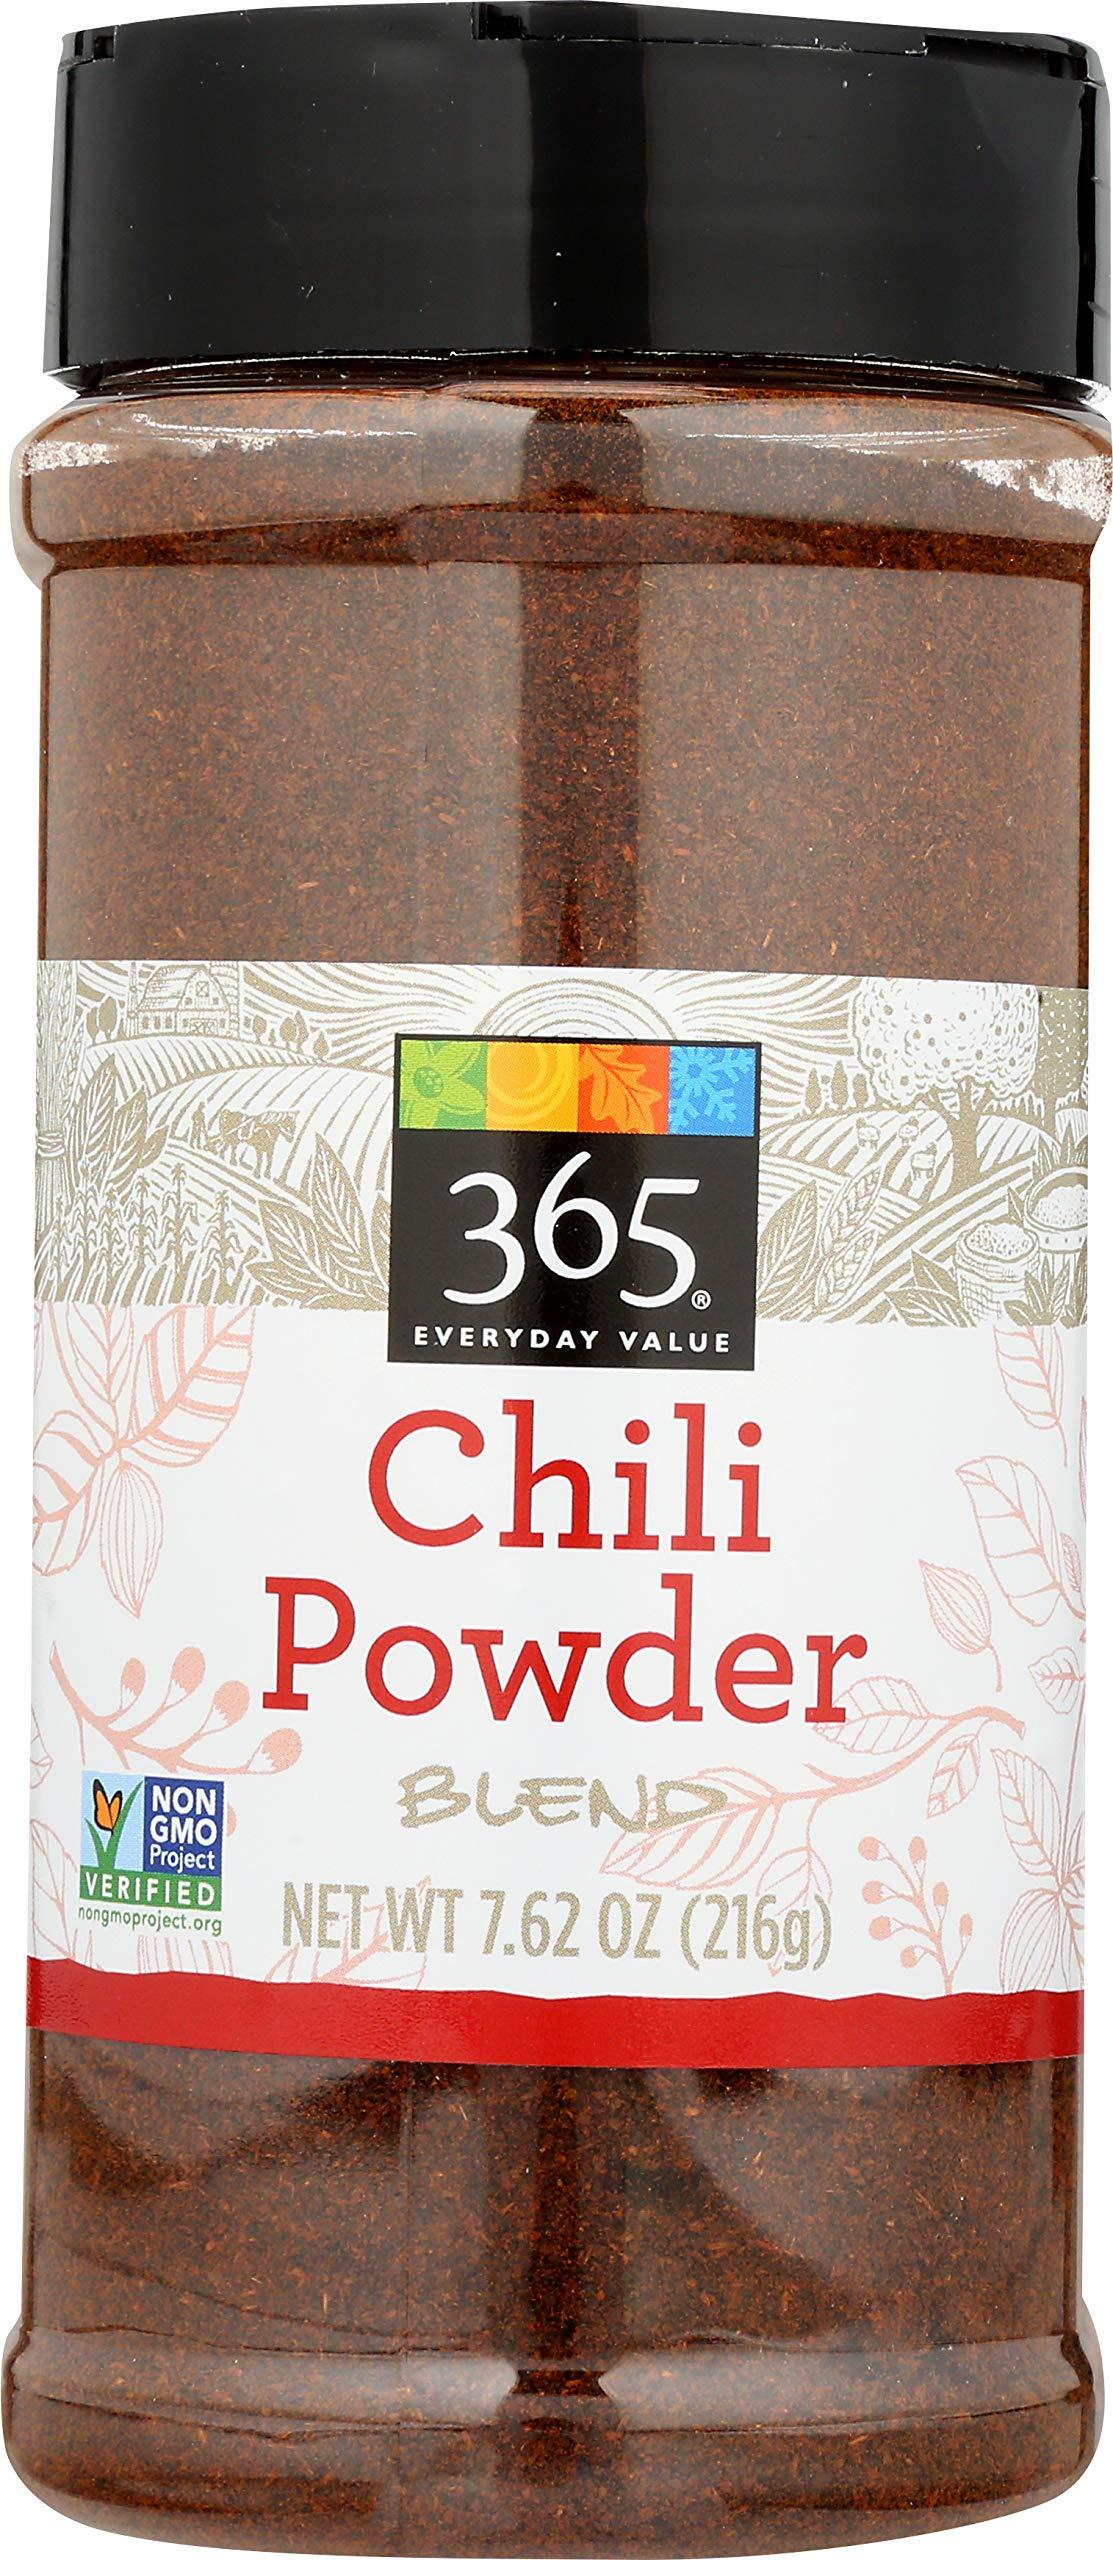 365 Everyday Value, Chili Powder Blend, 7.62 oz